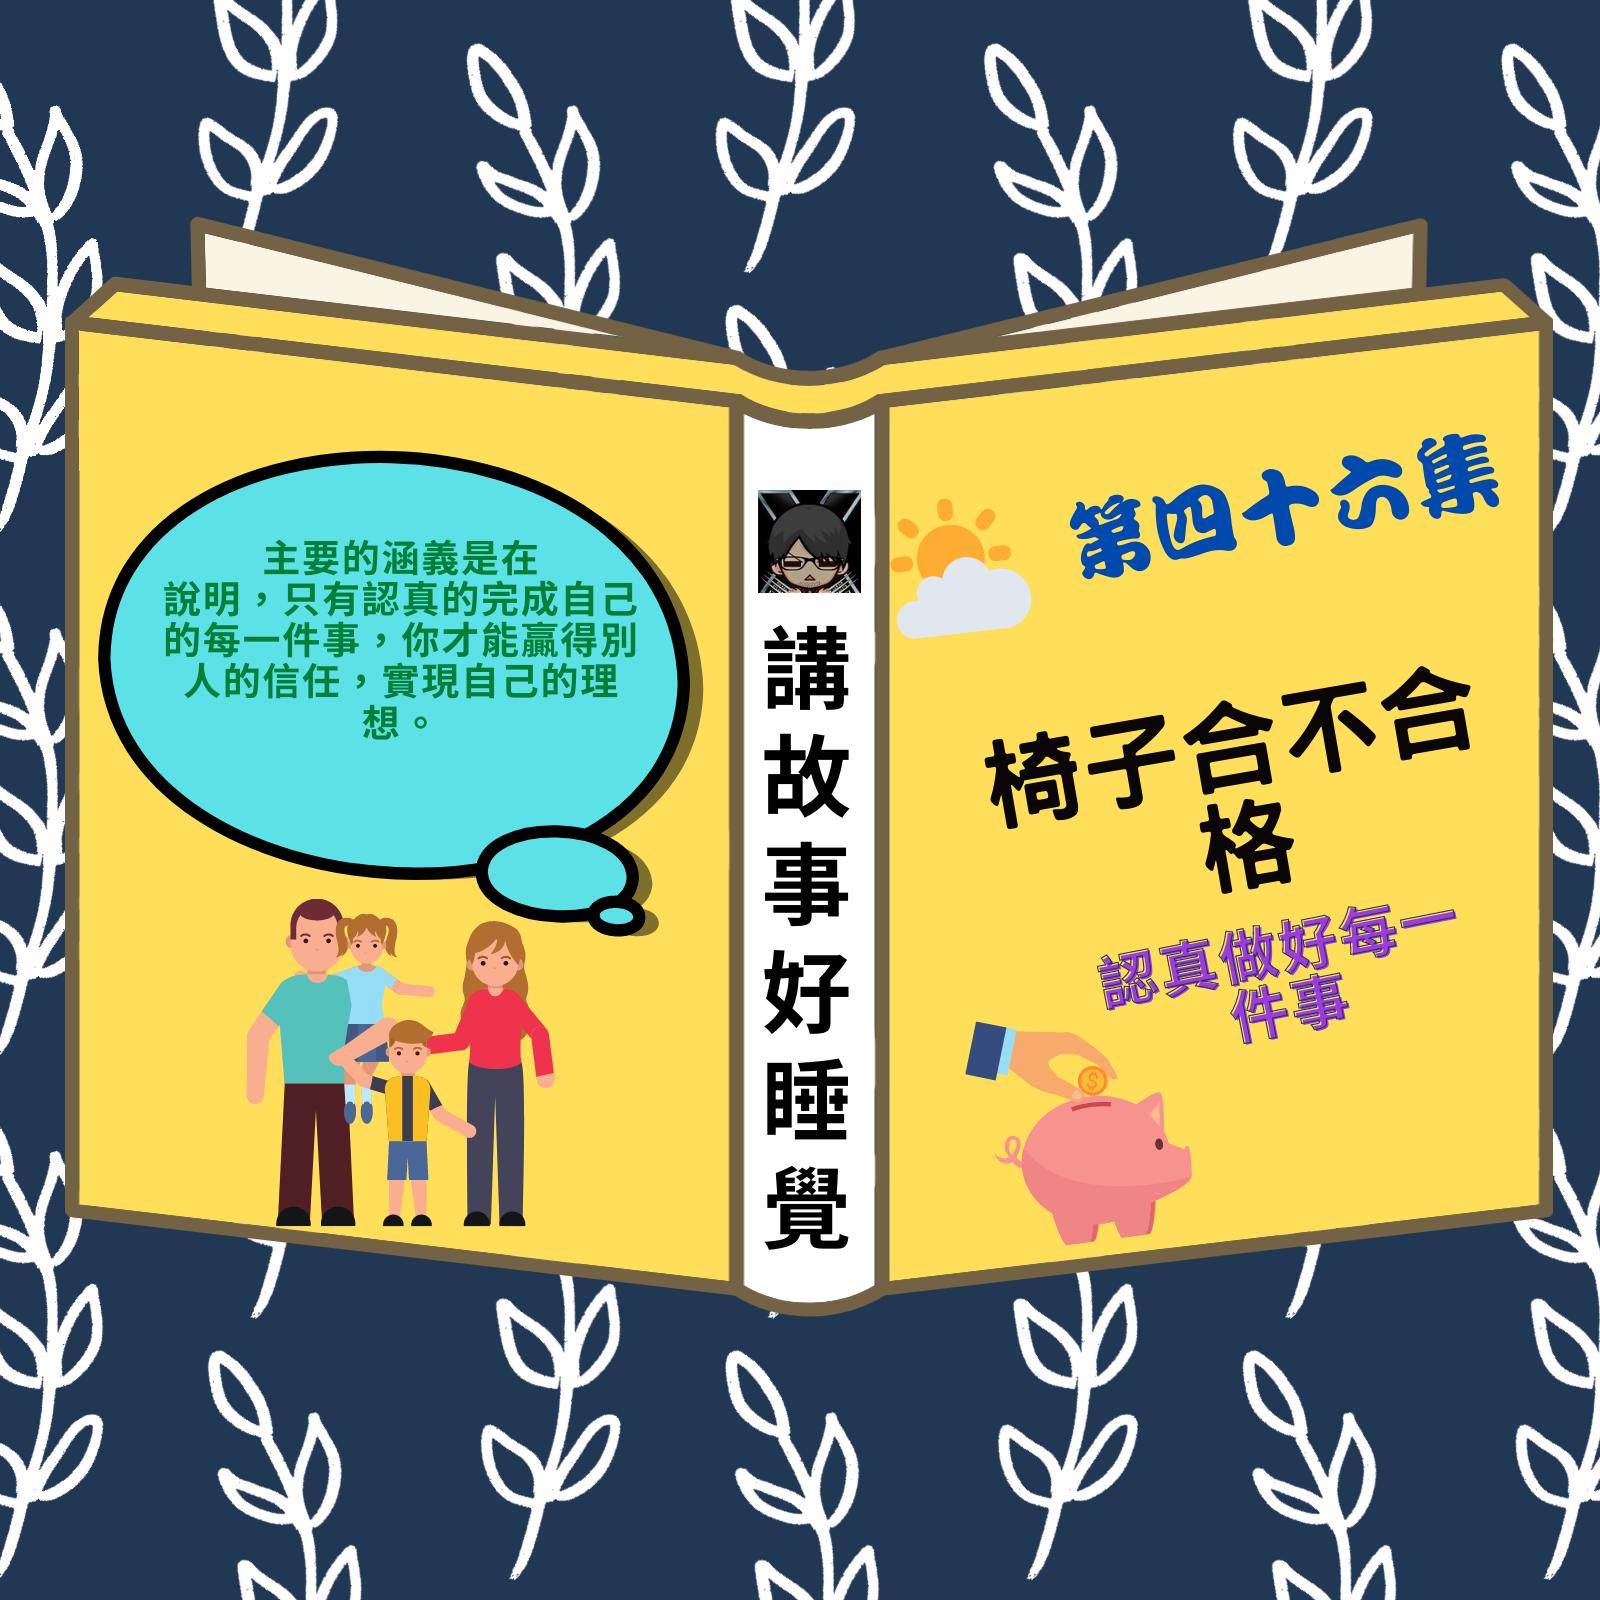 EP-46 講故事好睡覺 椅子合不合格 - 臺灣麥克 2021.02.10